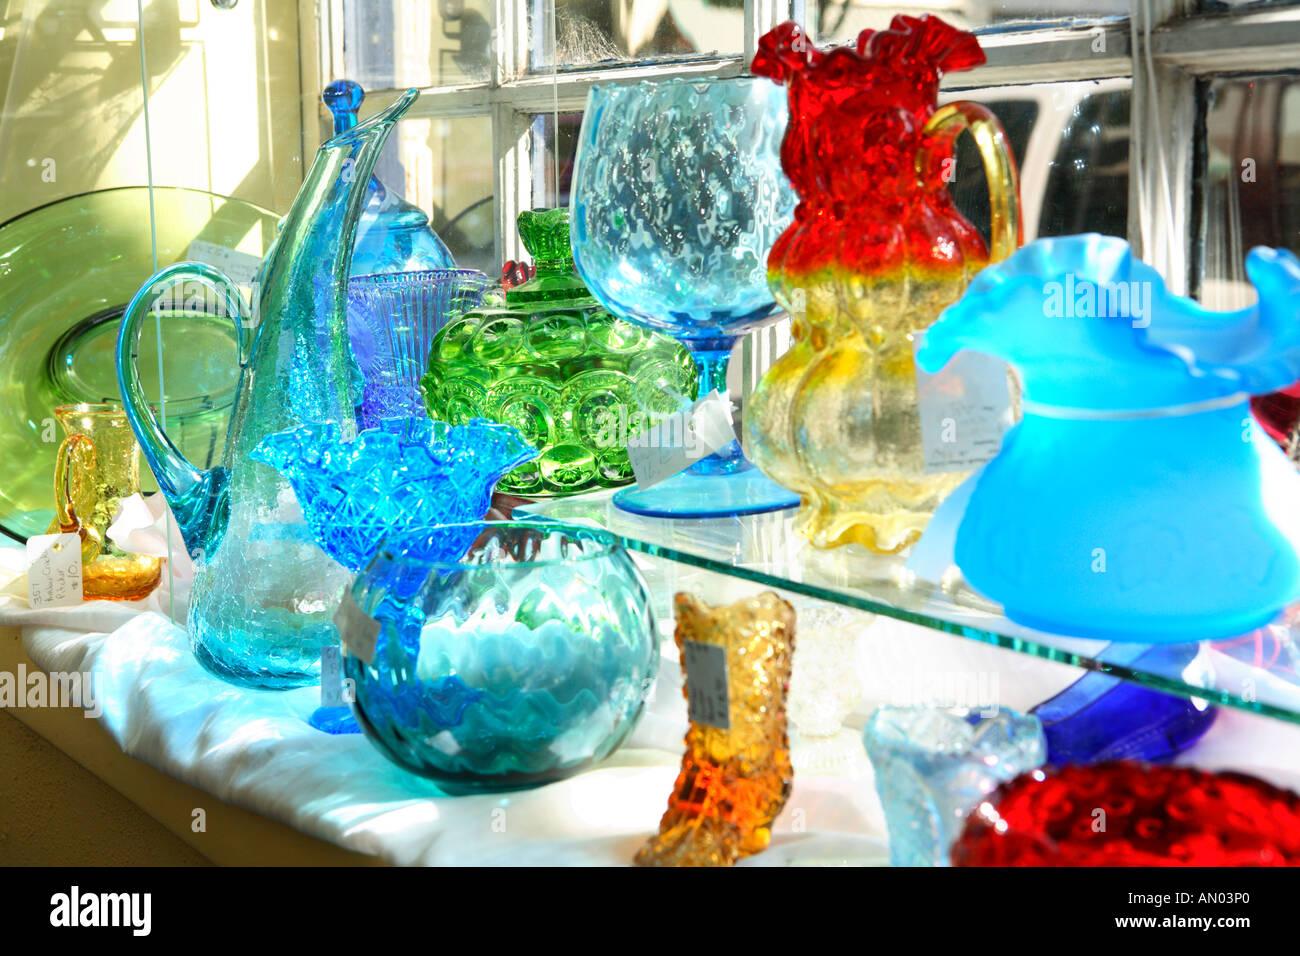 Platos de vidrio colorido en la pantalla en una tienda de antigüedades Foto    Imagen De Stock  8781471 - Alamy a8db3084665d